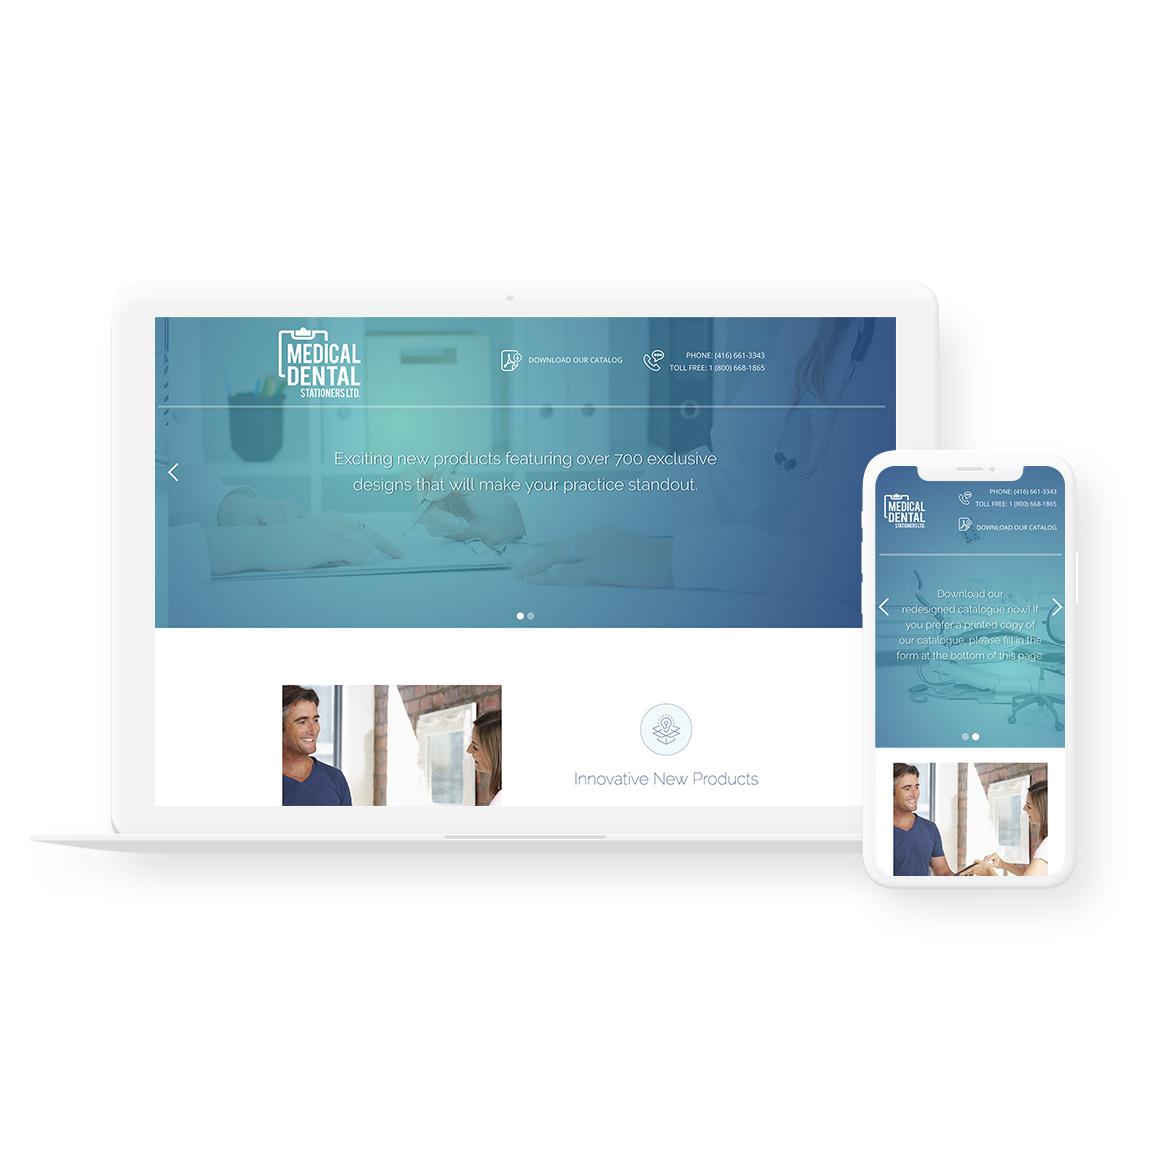 Sample image of website design showing desktop and mobile versions for Medical Dental Stationers